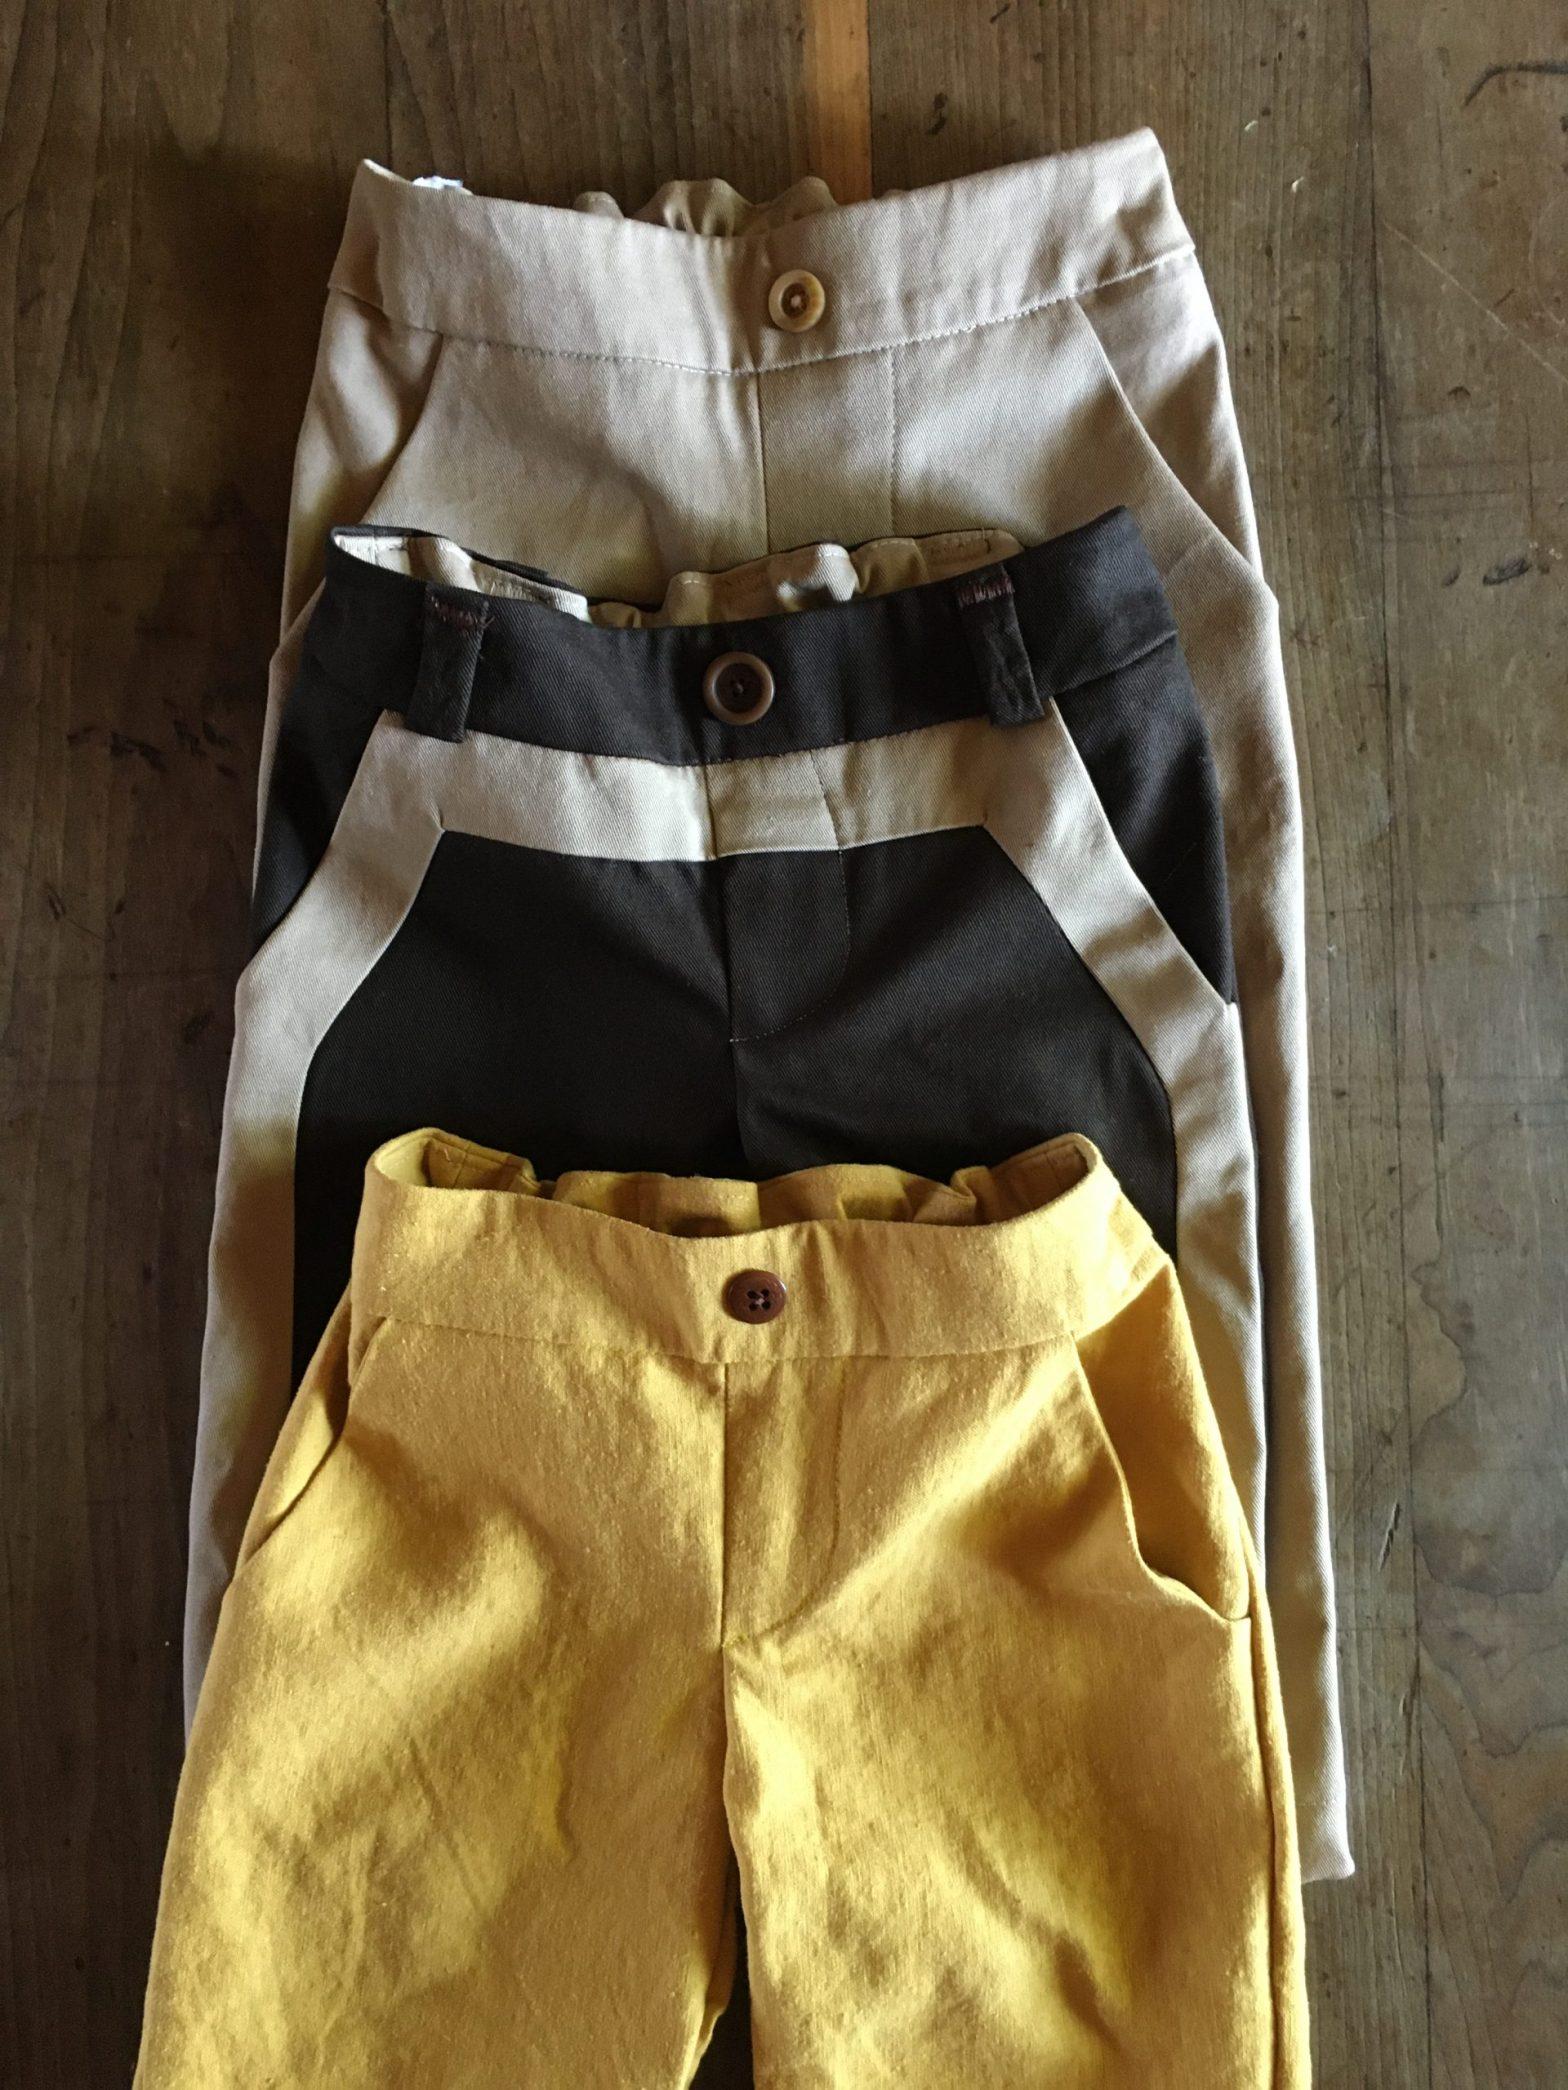 Morocco Pants sewn by Skirt Fixation